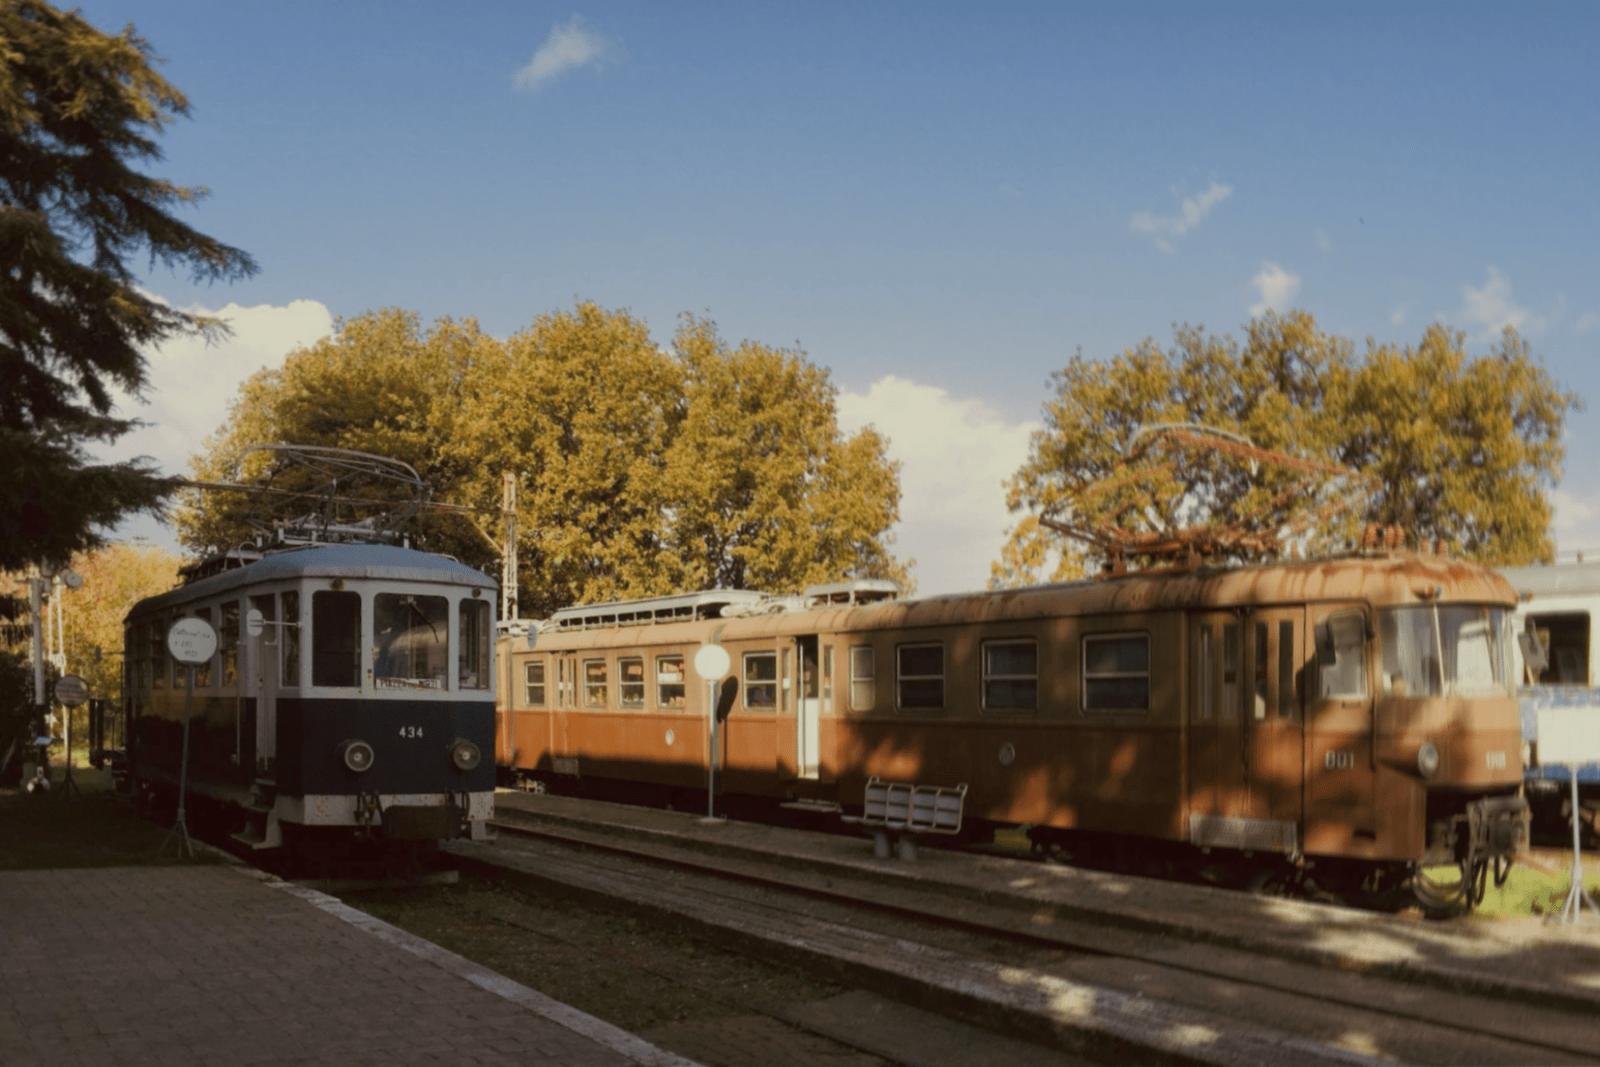 Il marciapiede del fabbricato viaggiatori e due dei rotabili storici: la 434 del 1921, la 801 del 1953